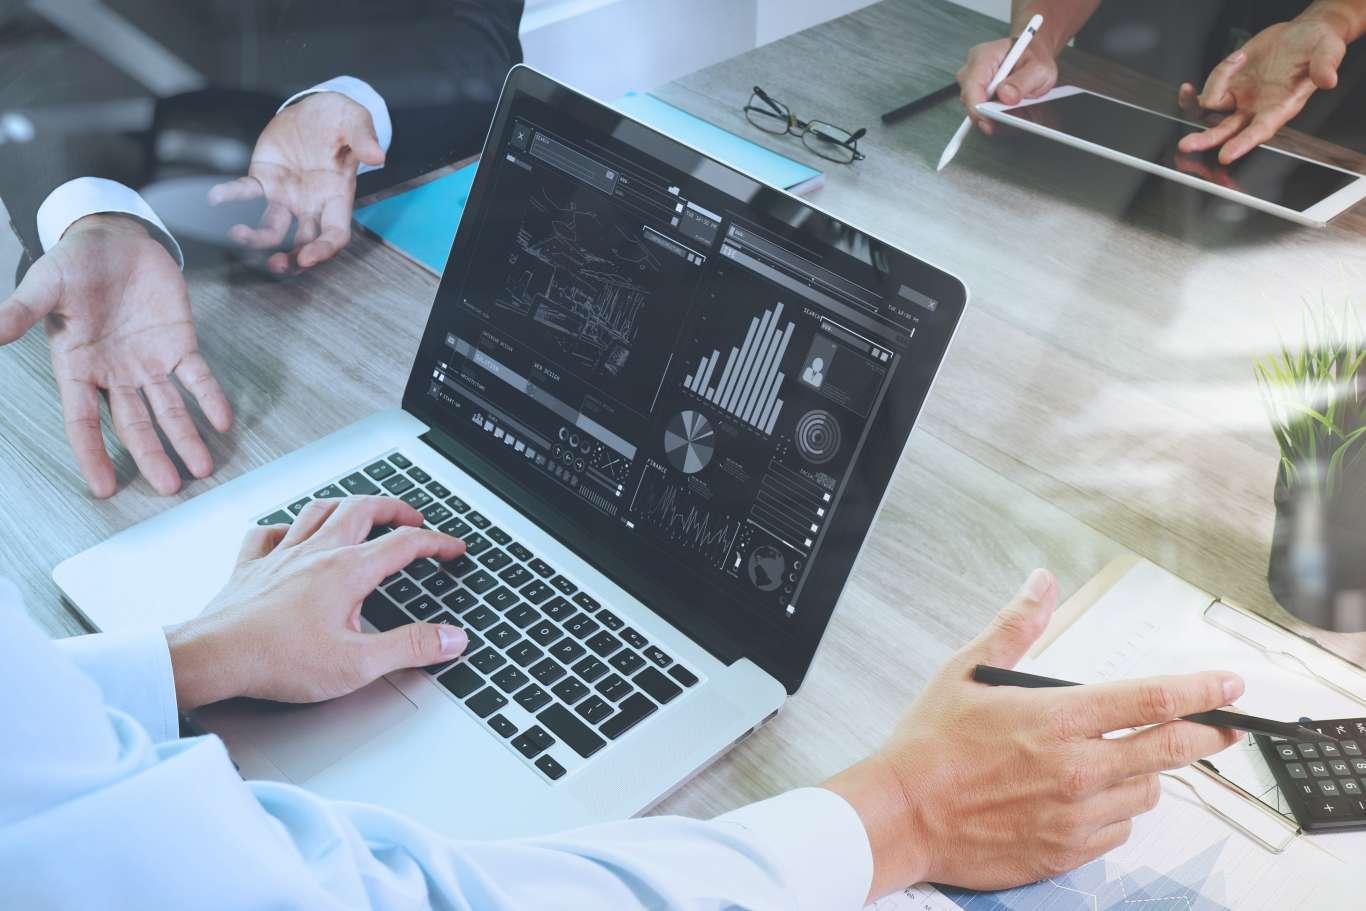 webinar forderungsmanagement software